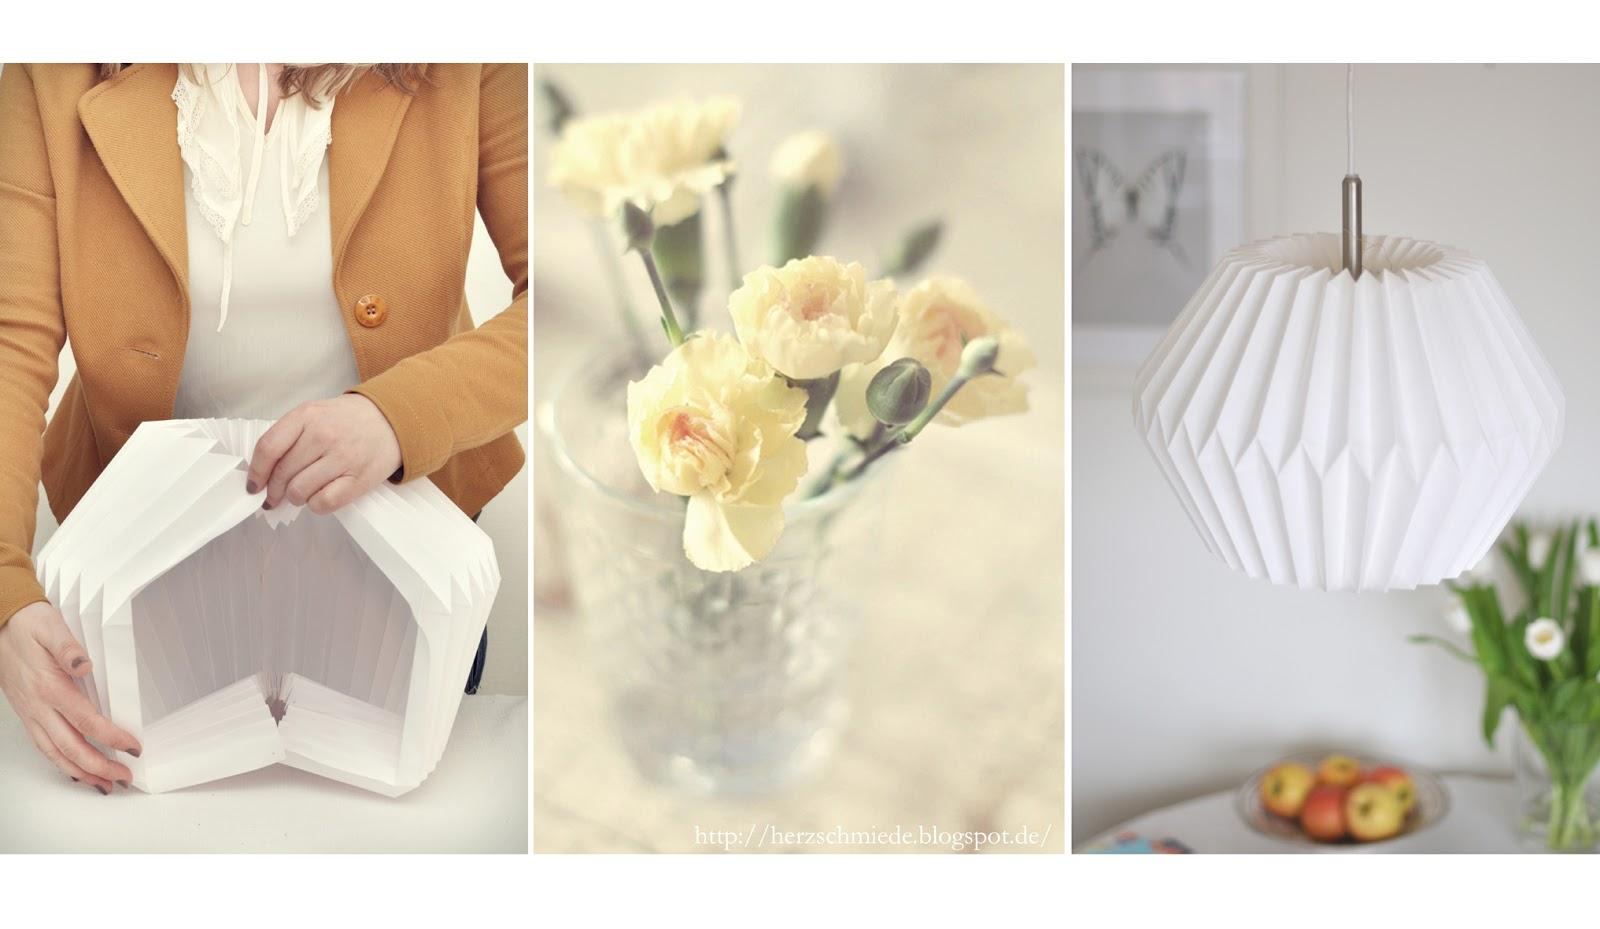 Herzschmiede diy origami lamp for Lampen papier